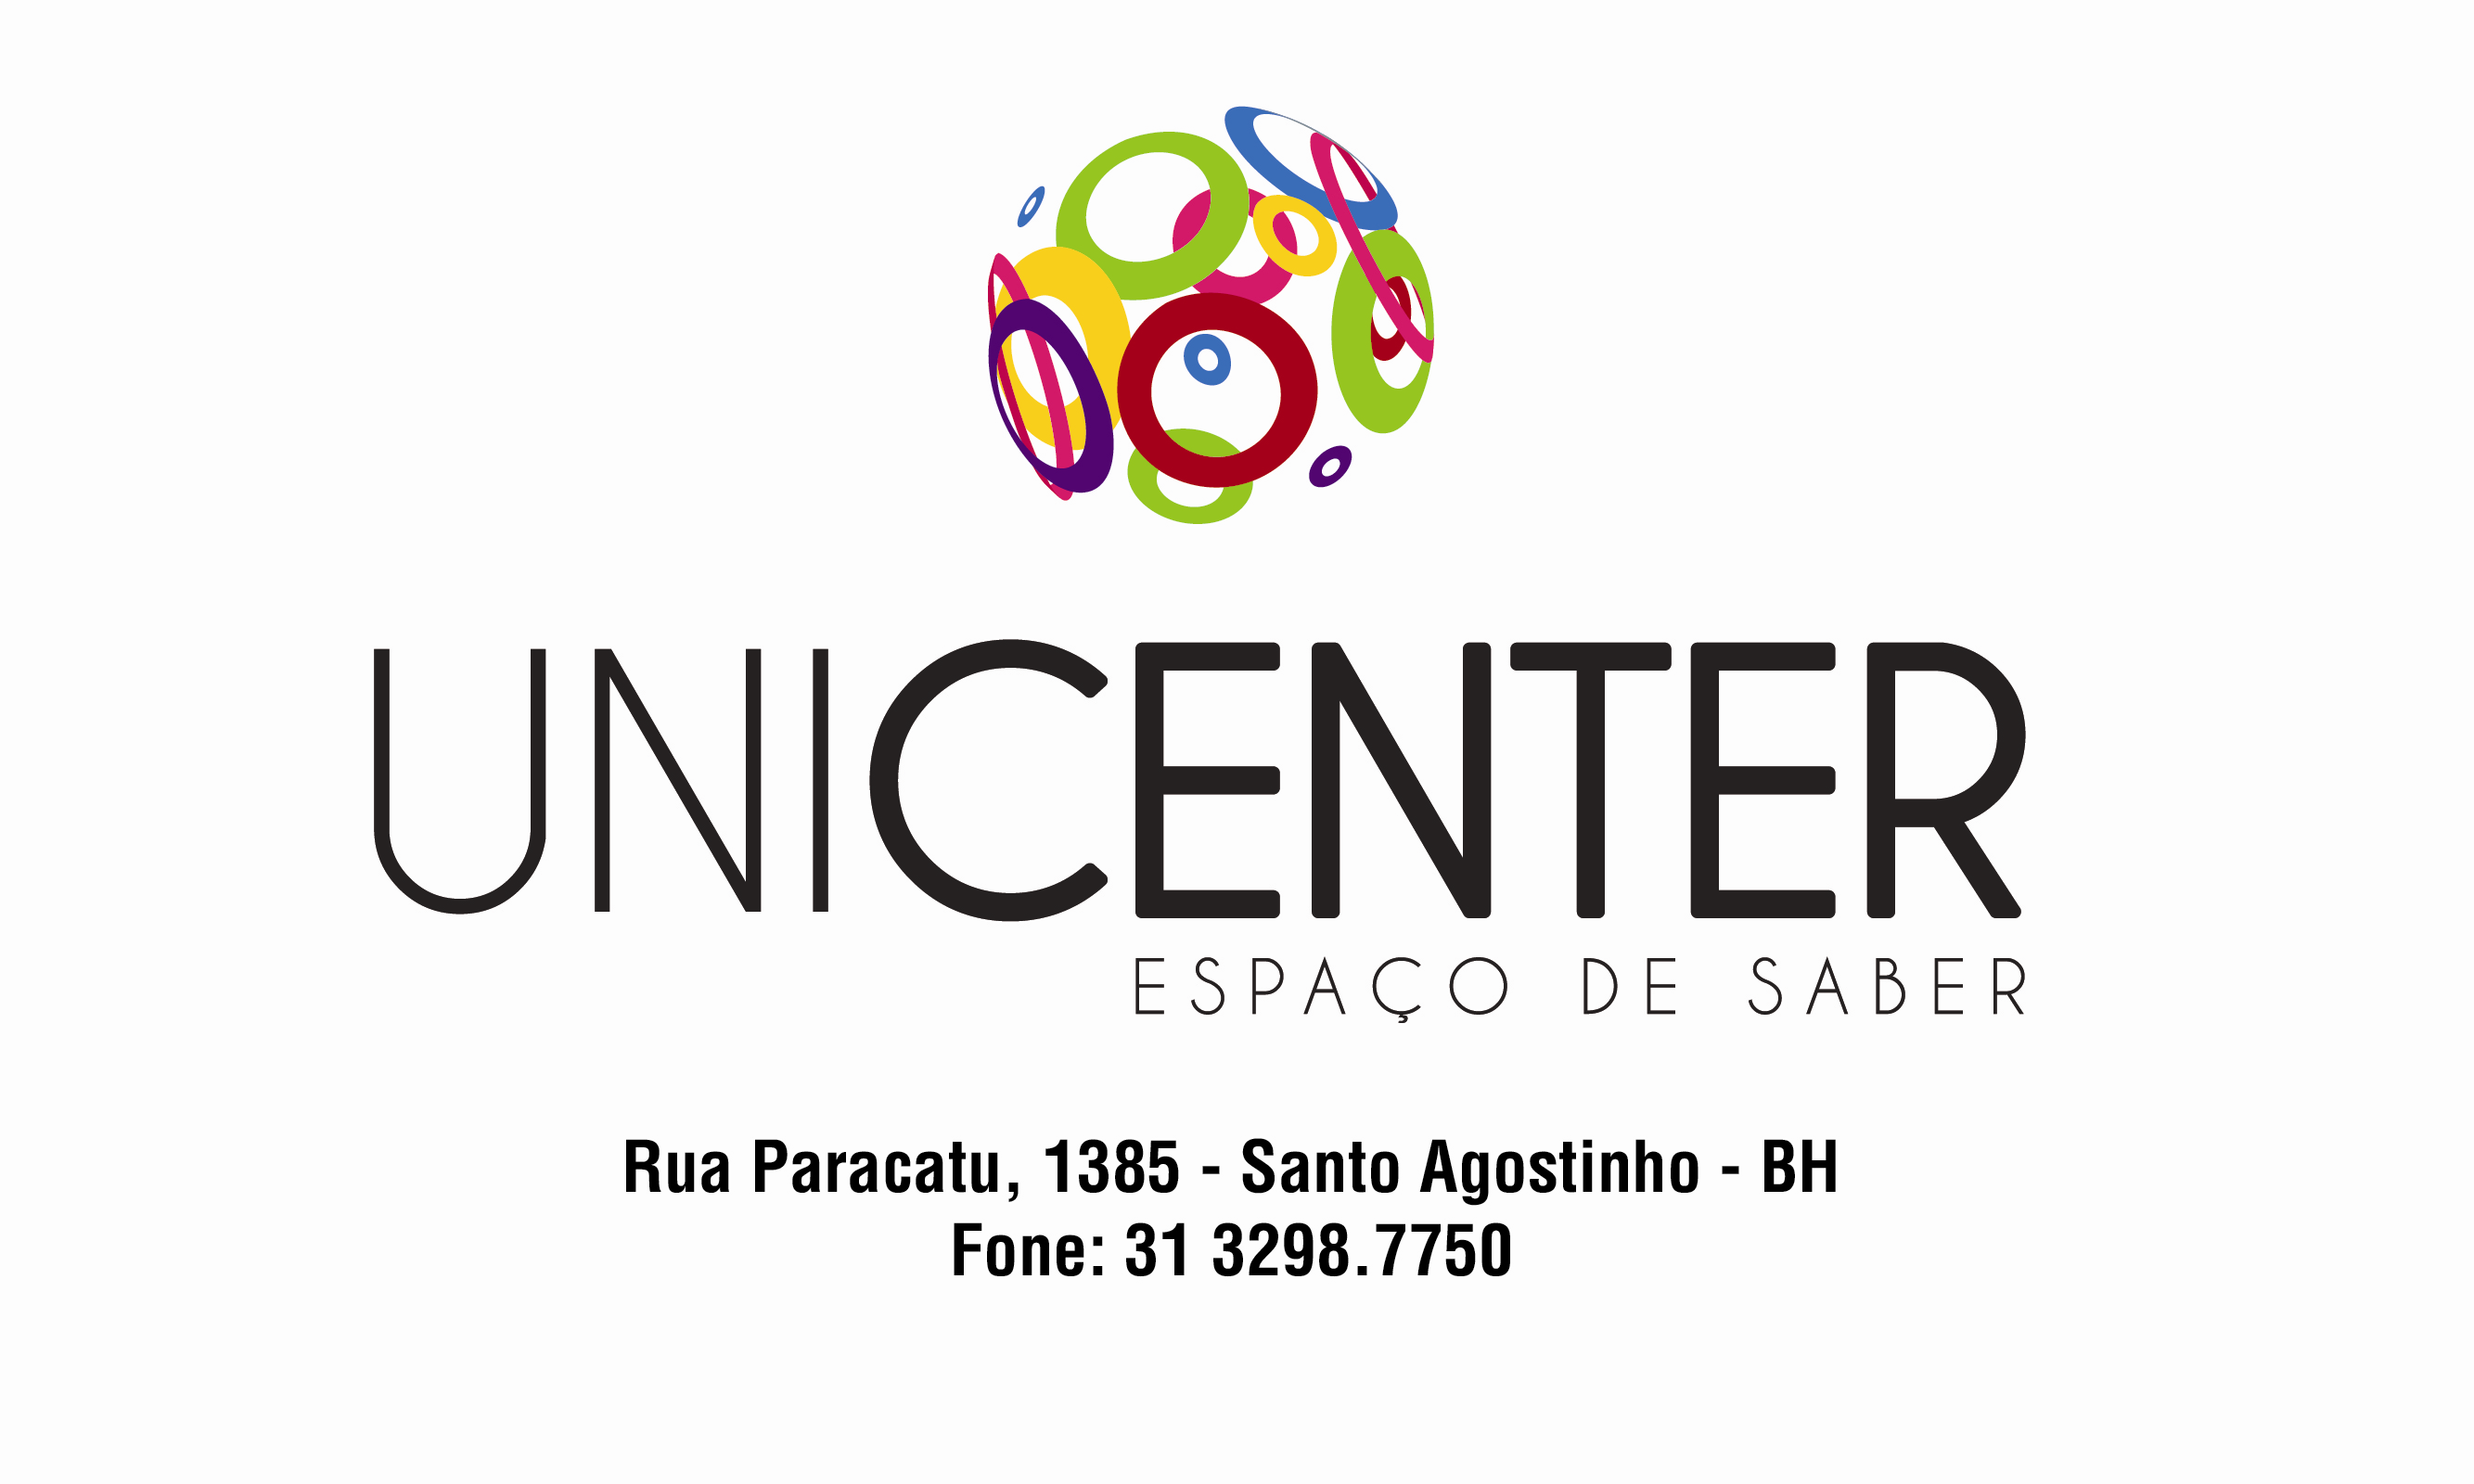 UNICENTER – ESPAÇO DO SABER